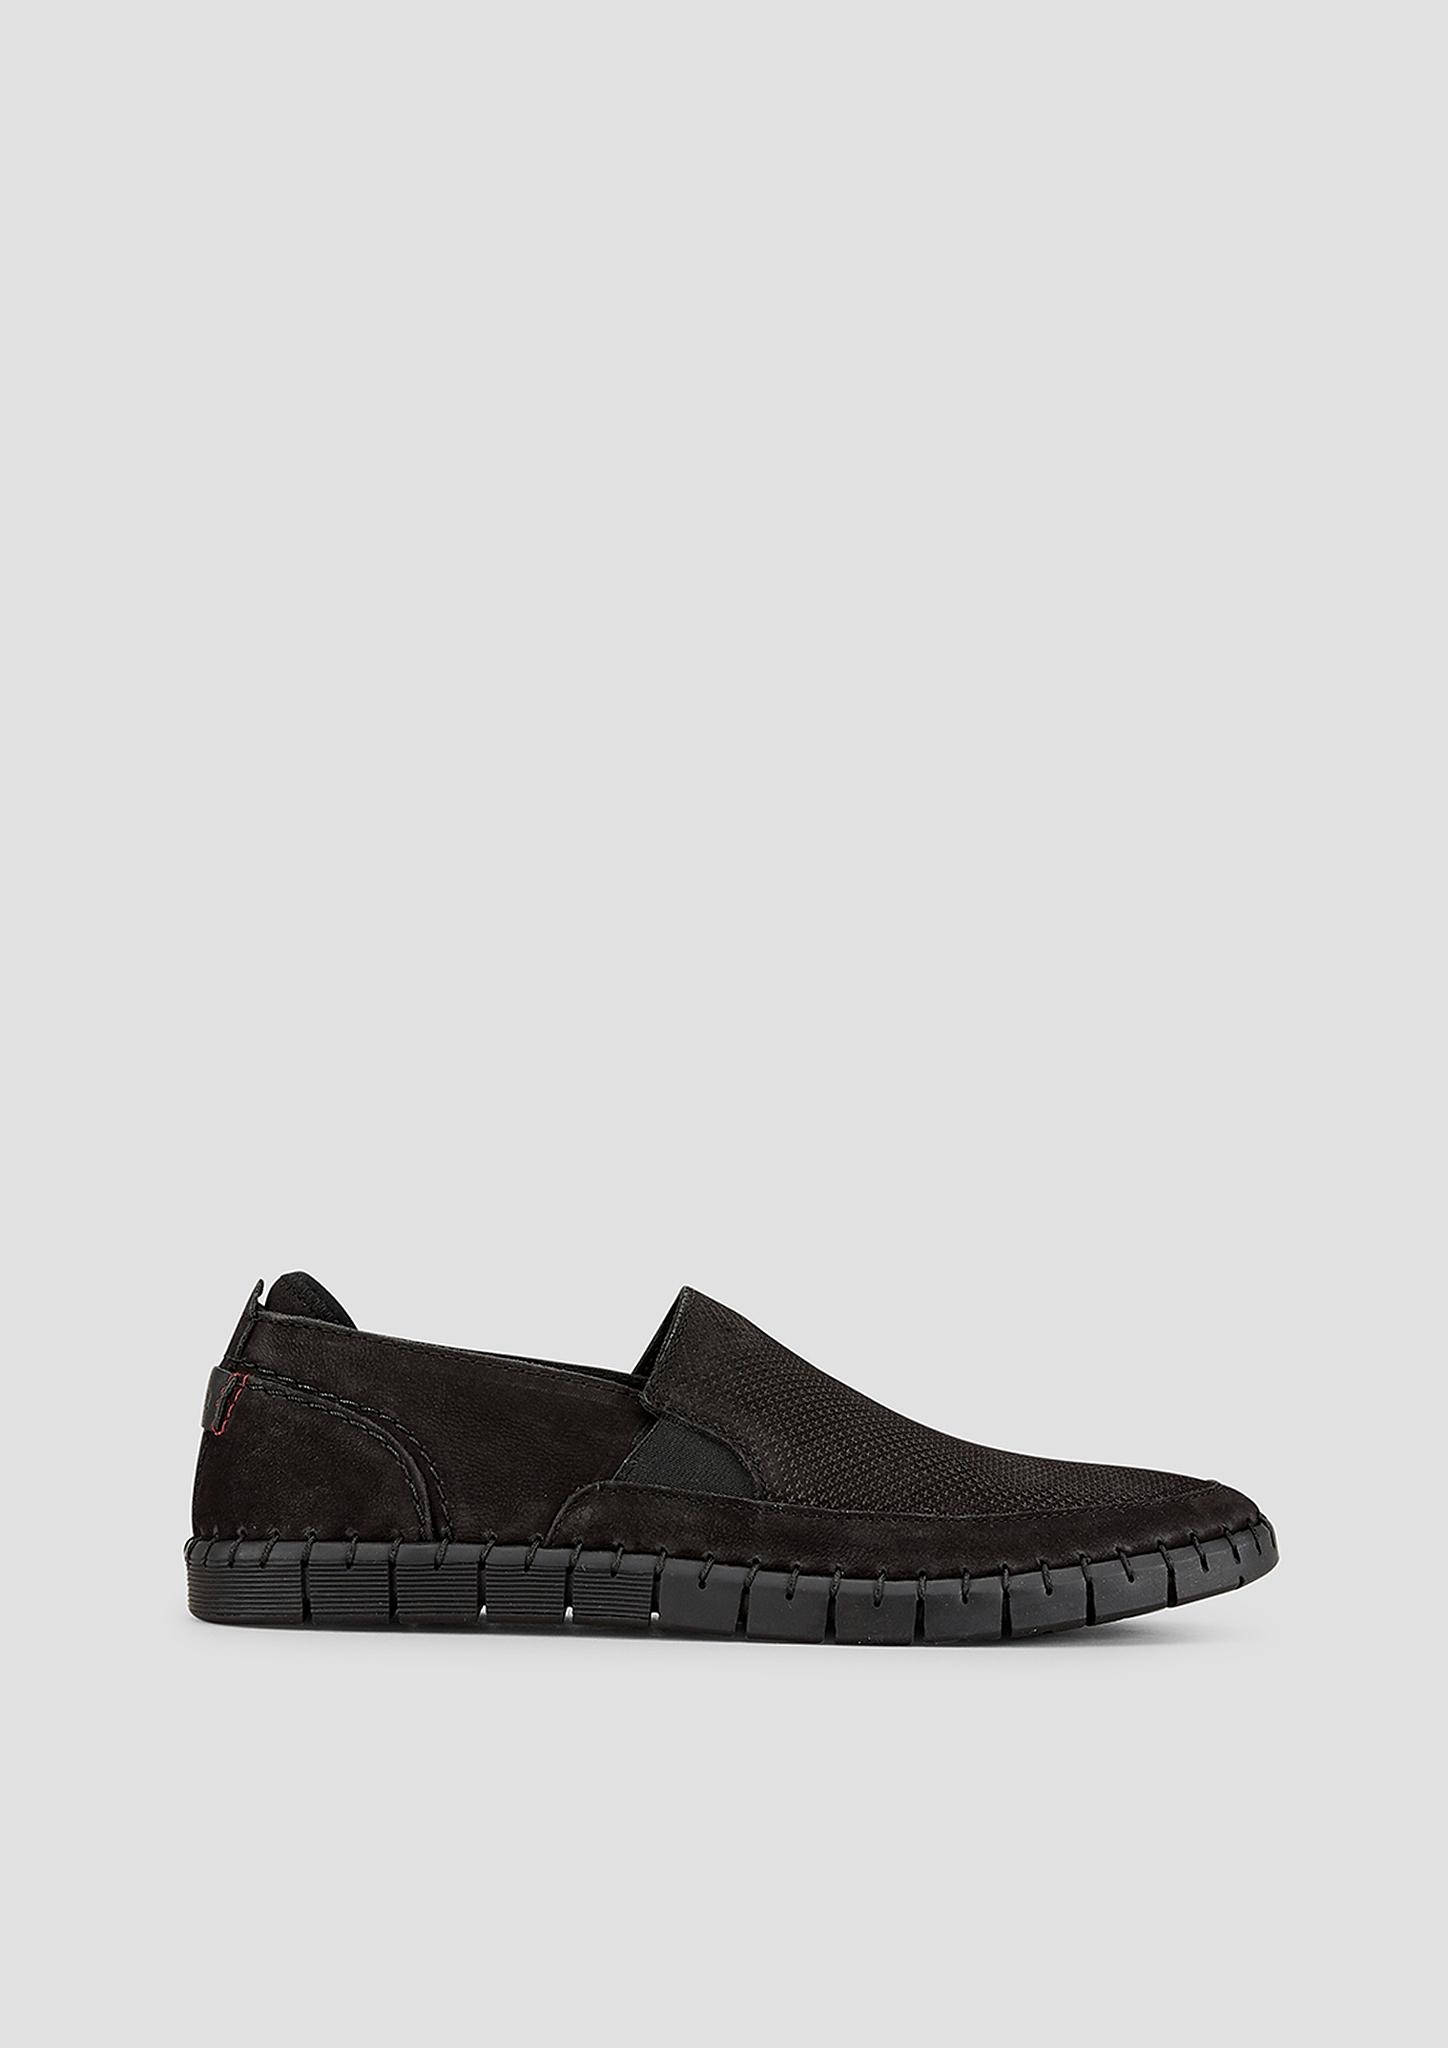 Slipper | Schuhe > Slipper | Grau/schwarz | Obermaterial aus leder und textil| futter und decksohle aus leder und textil| laufsohle aus synthetik | s.Oliver